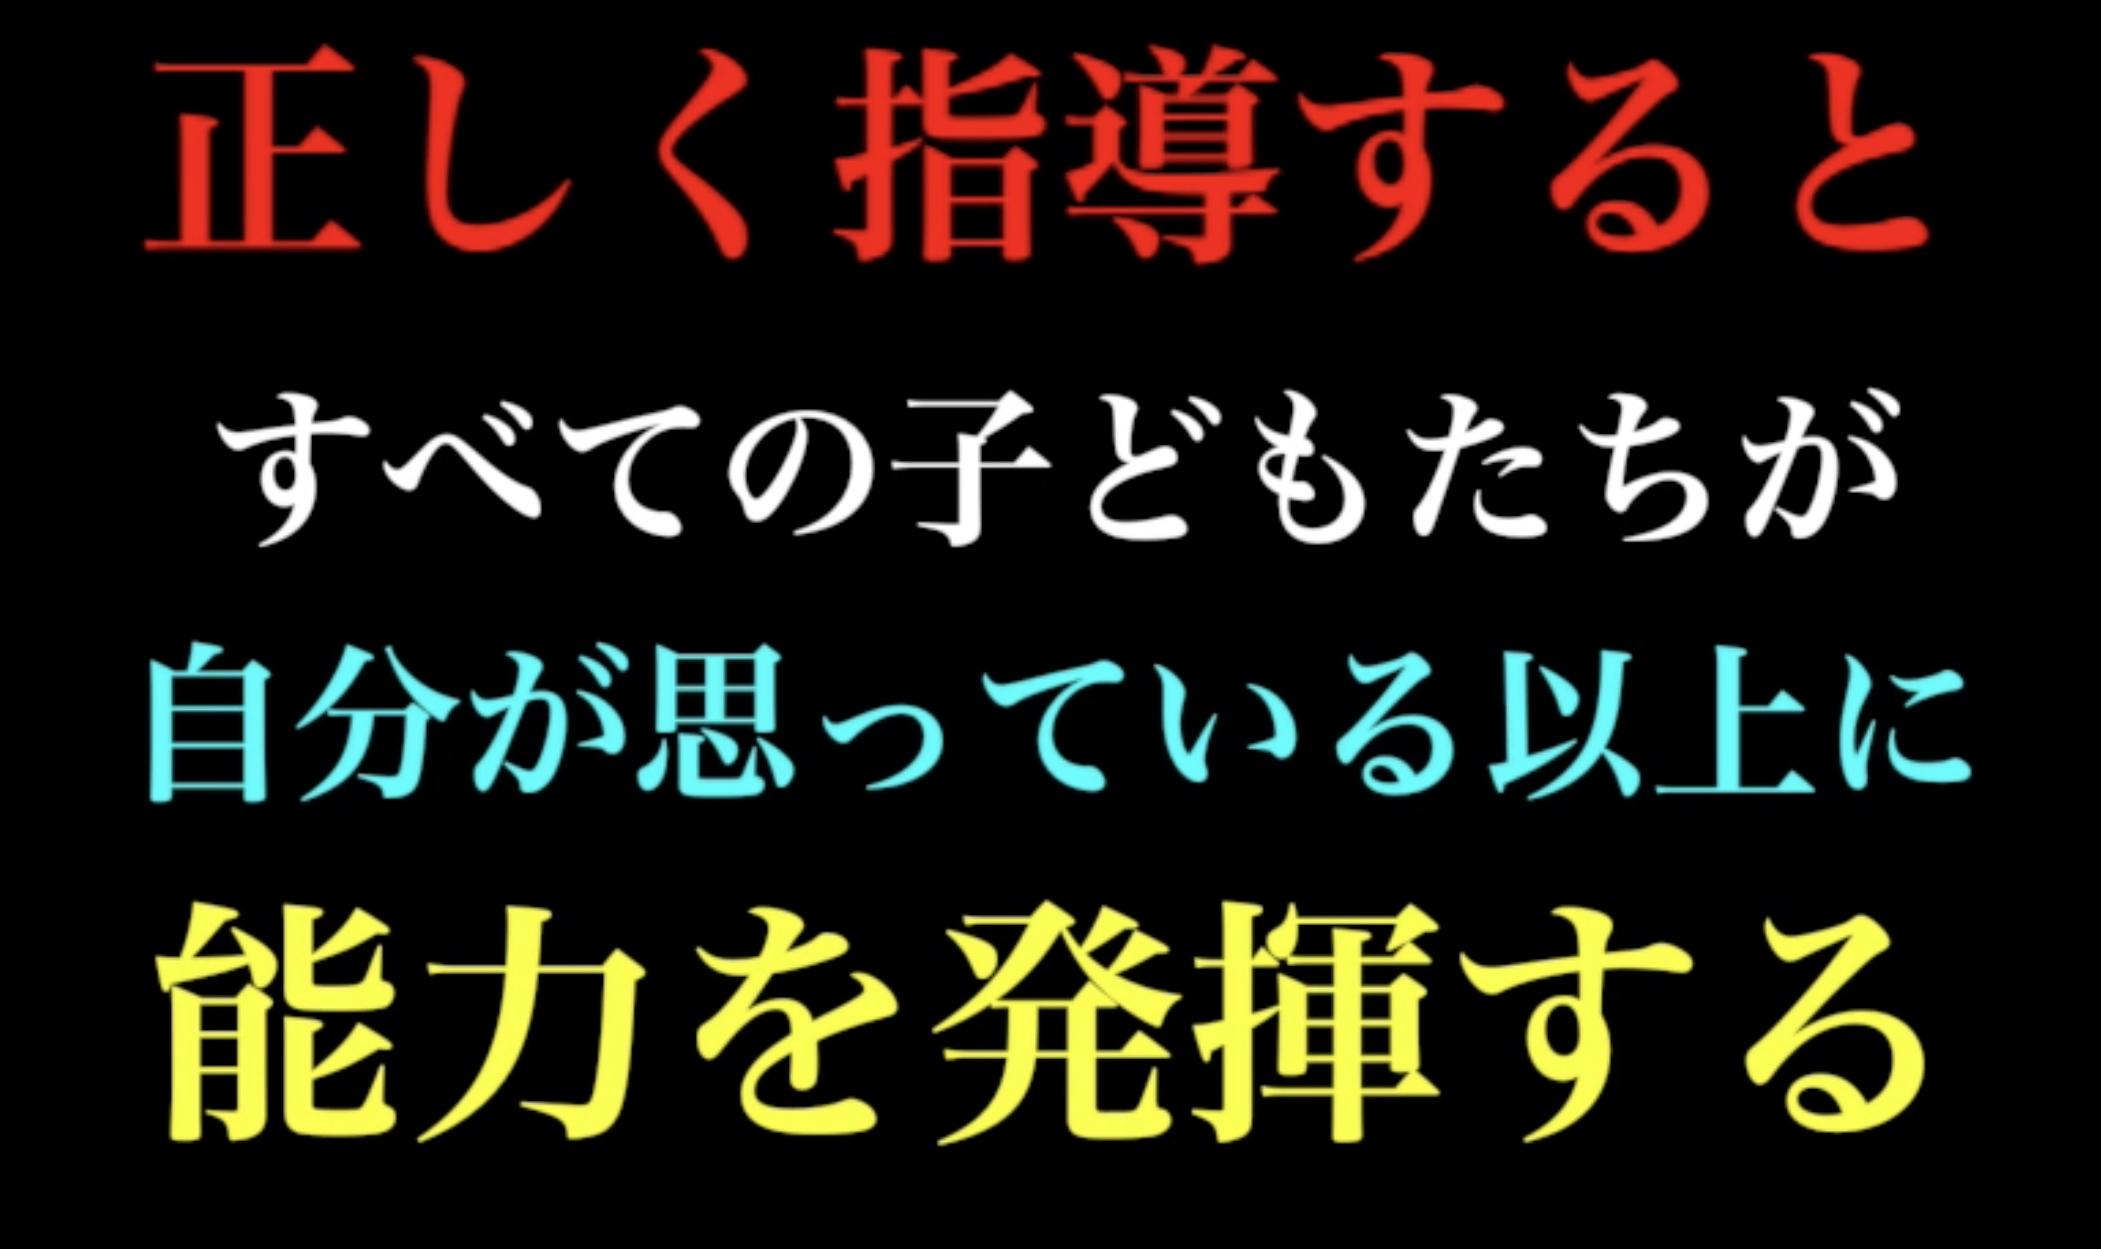 第2882話・・・バレー塾in伊達_c0000970_14443025.jpg